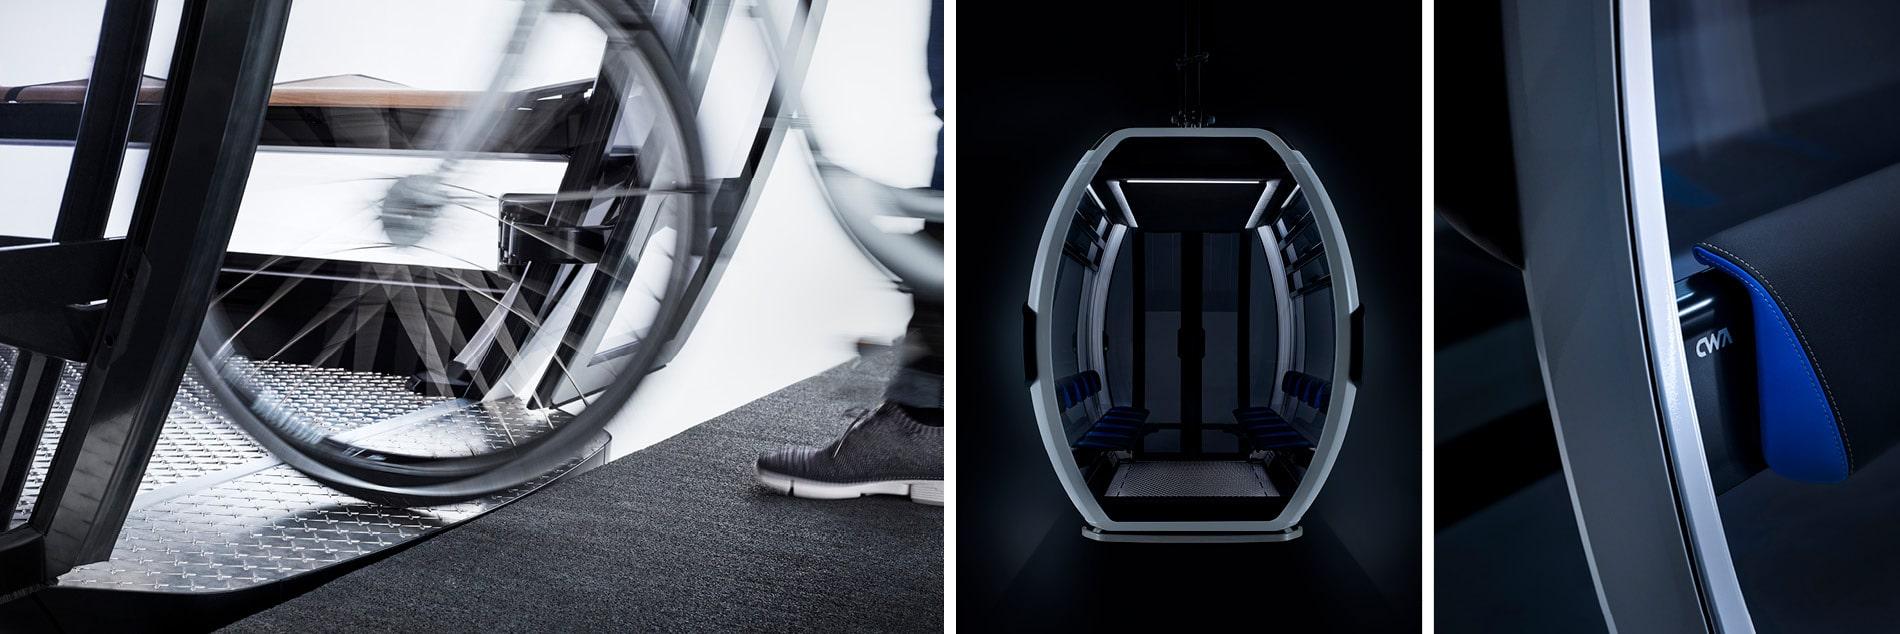 Details einer Seilbahn-Kabine OMEGA V von Doppelmayr